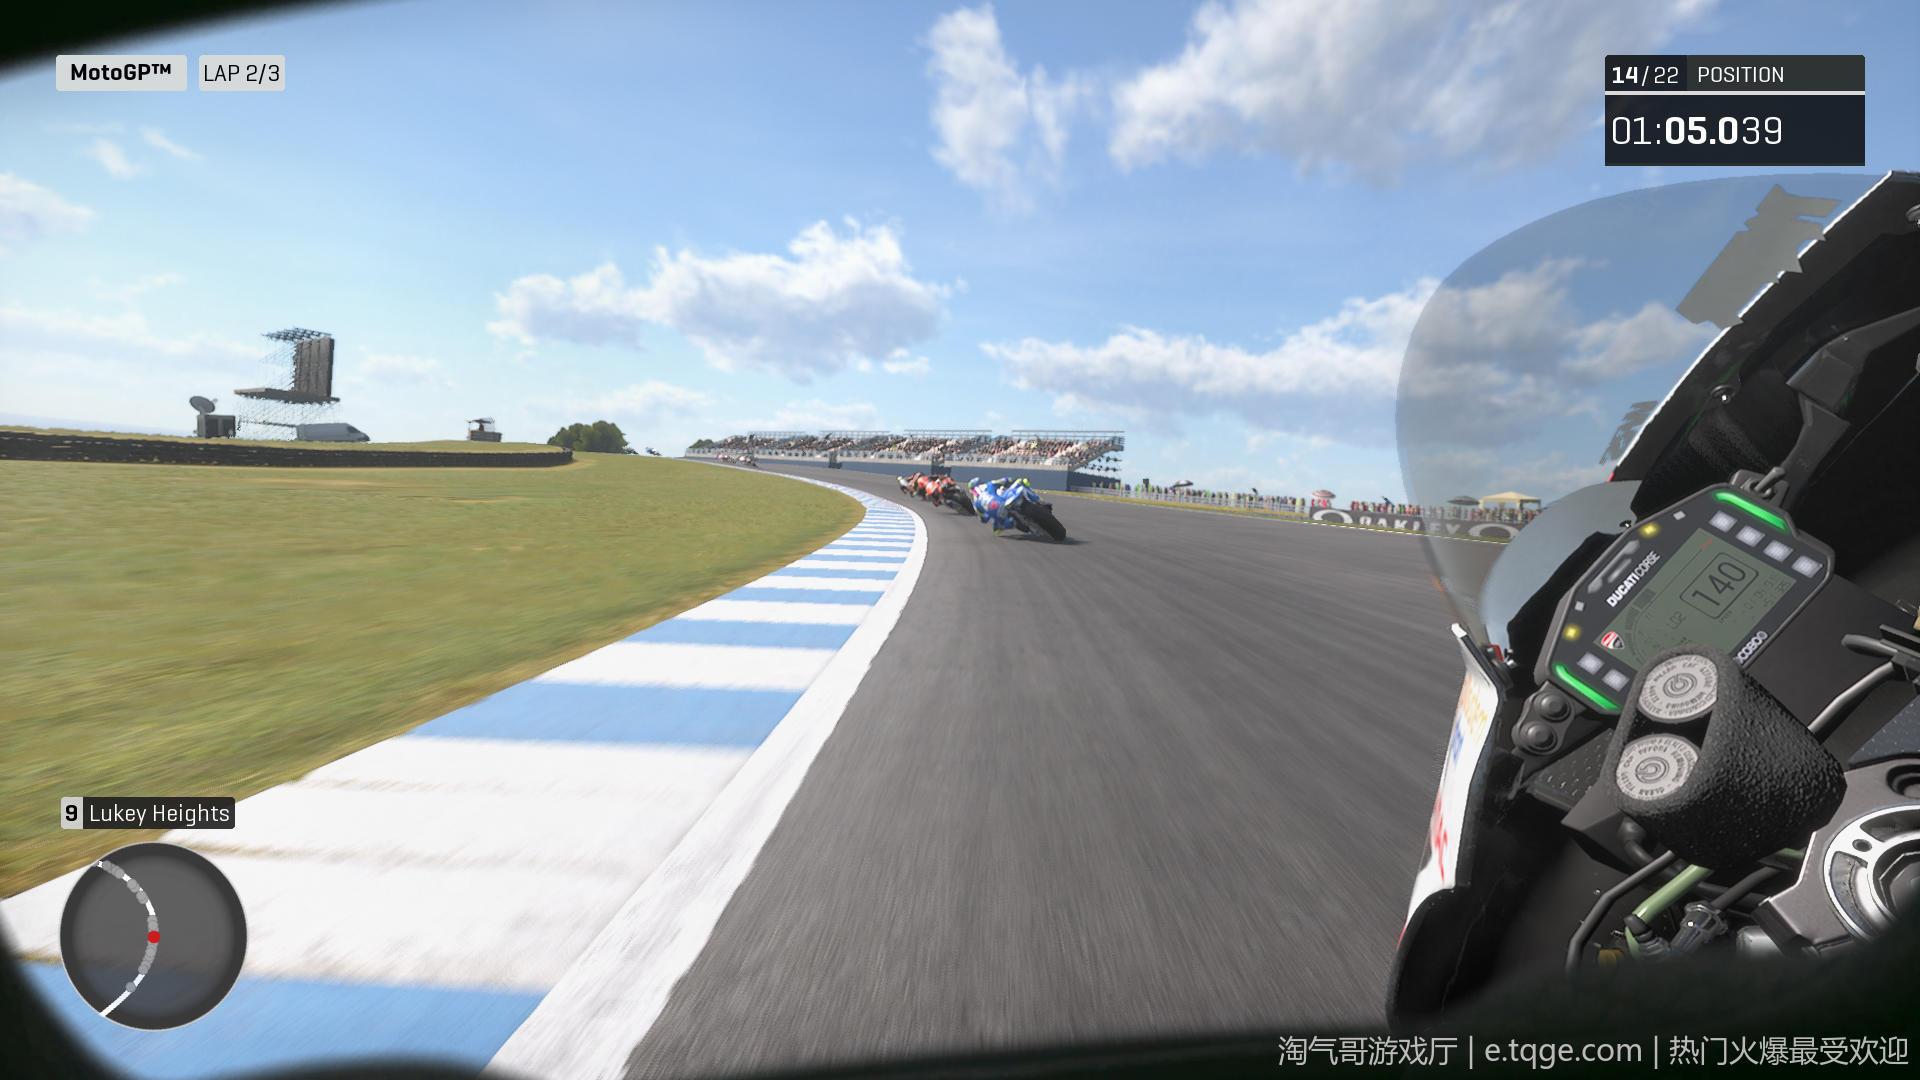 世界摩托大奖赛20/摩托GP20 热门游戏 第2张